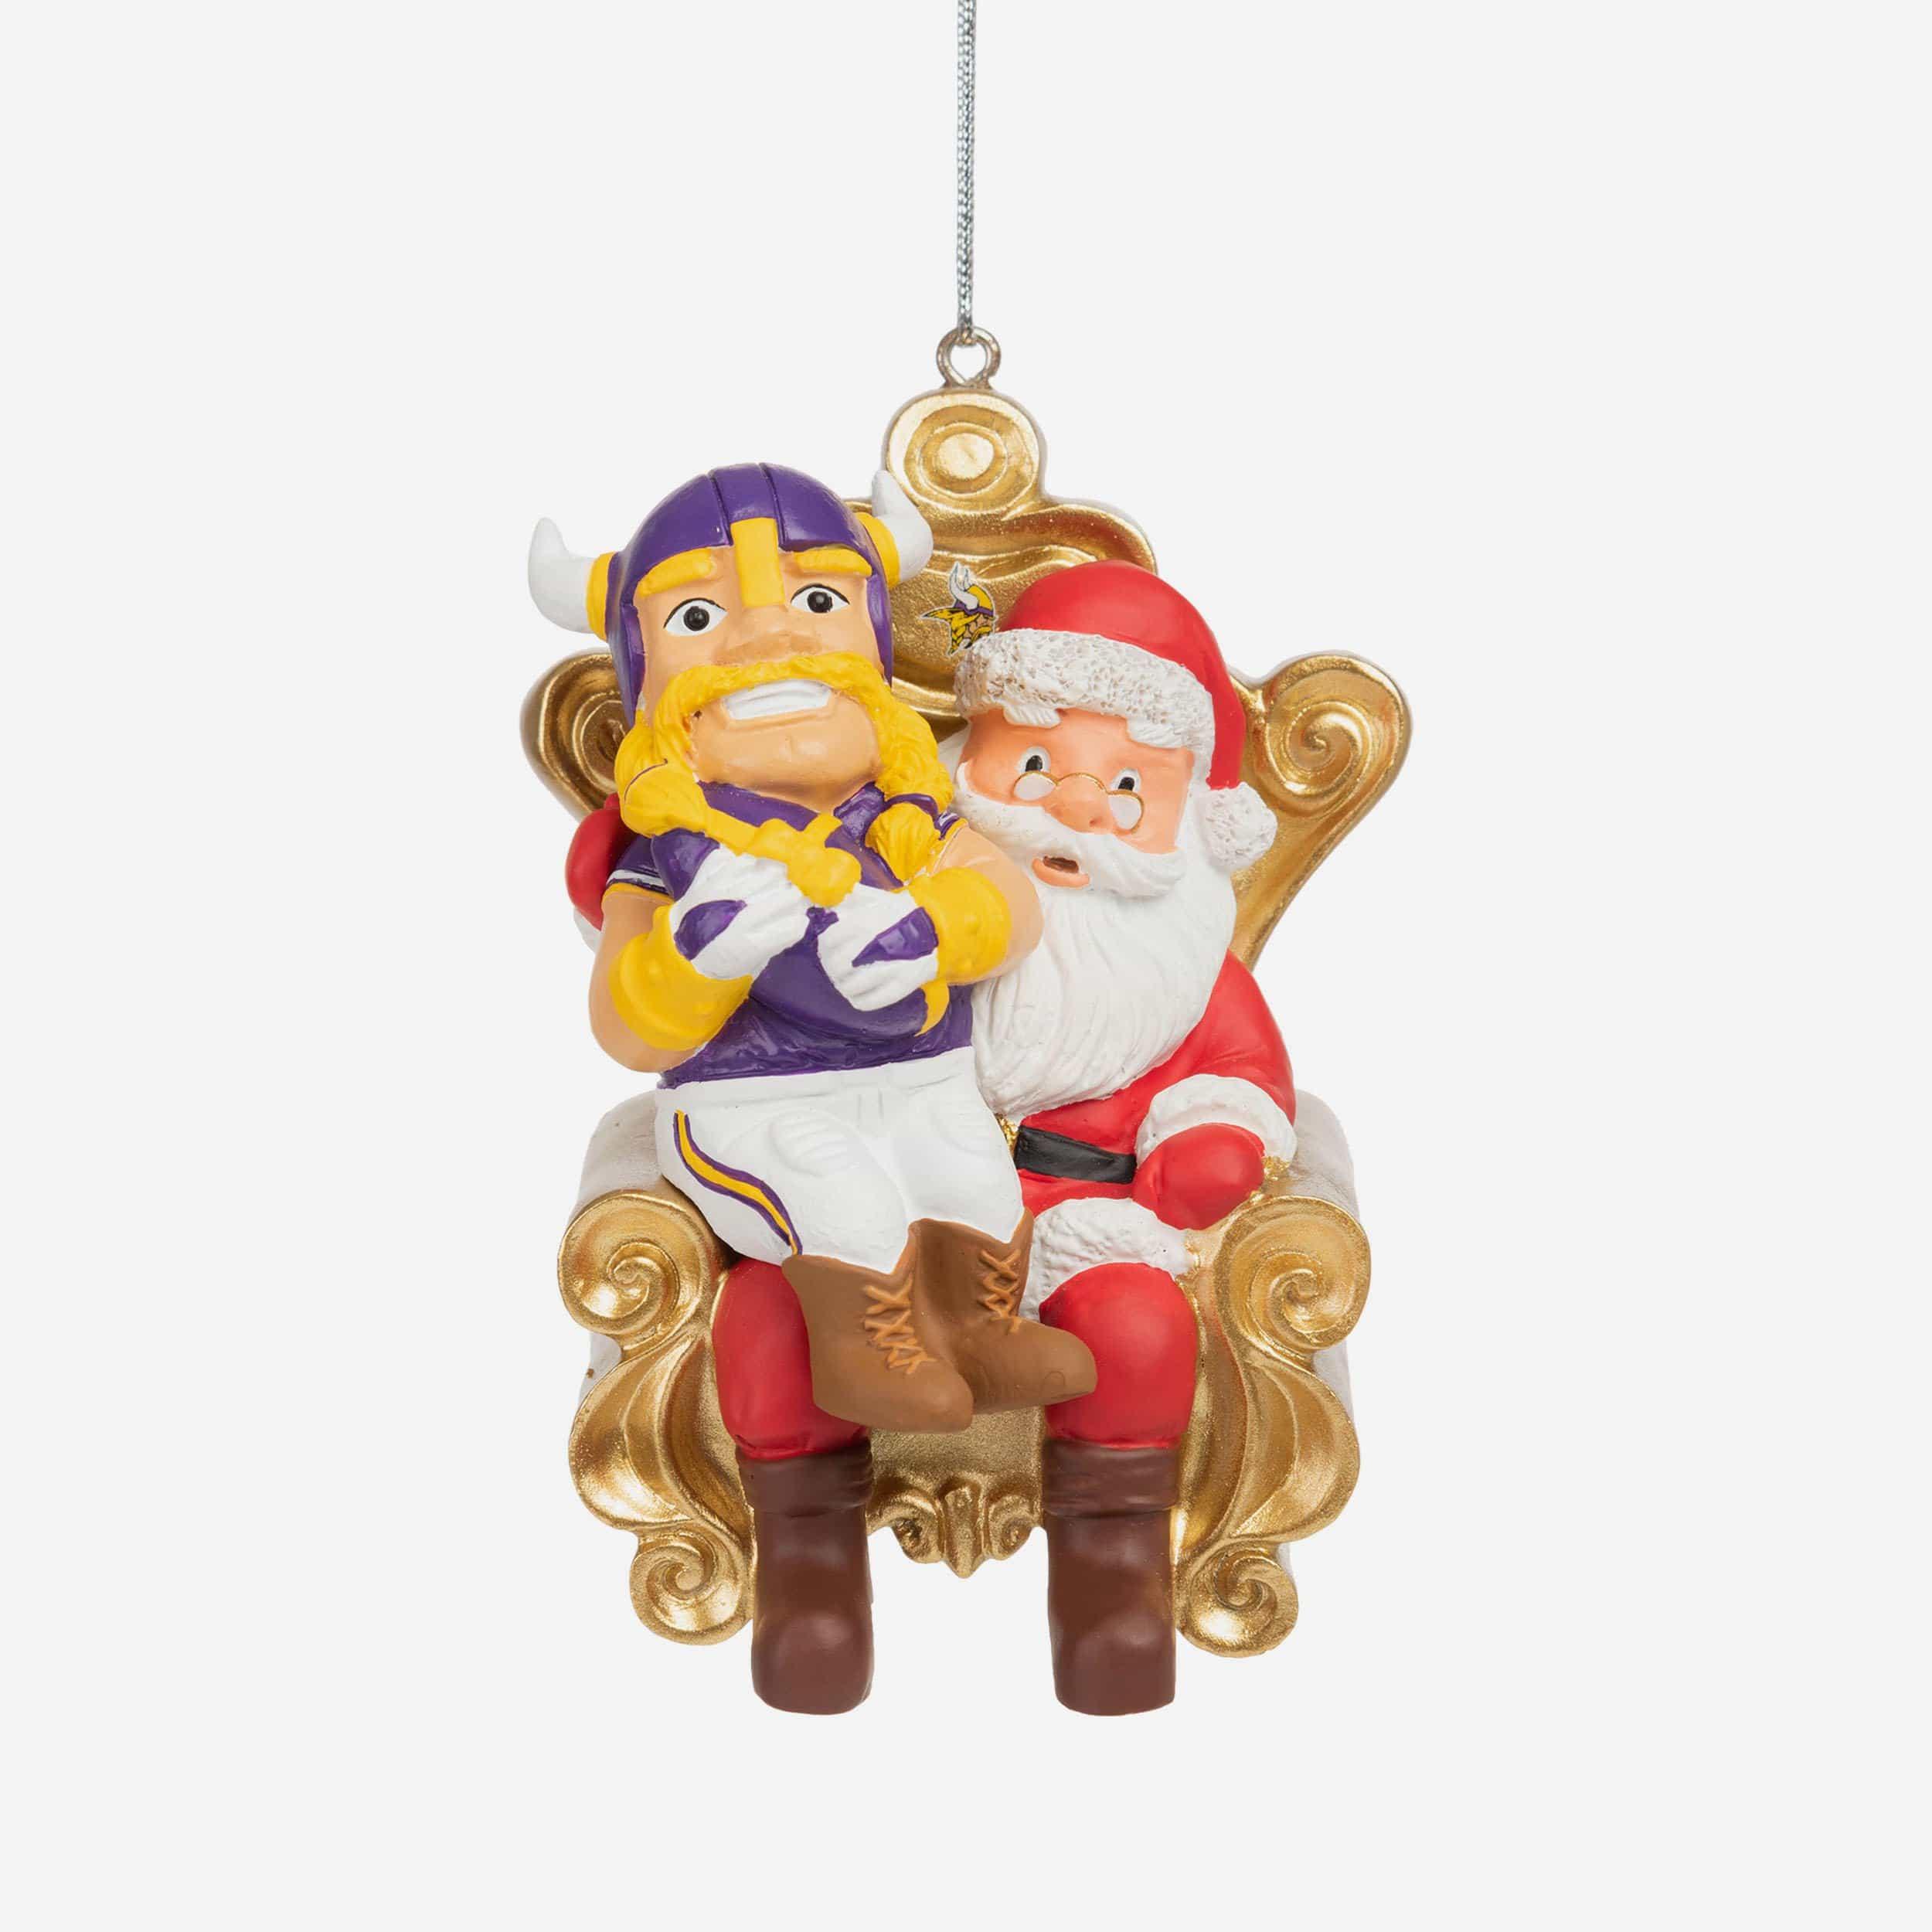 FOCO Viktor the Viking Minnesota Vikings Mascot On Santa's Lap Ornament